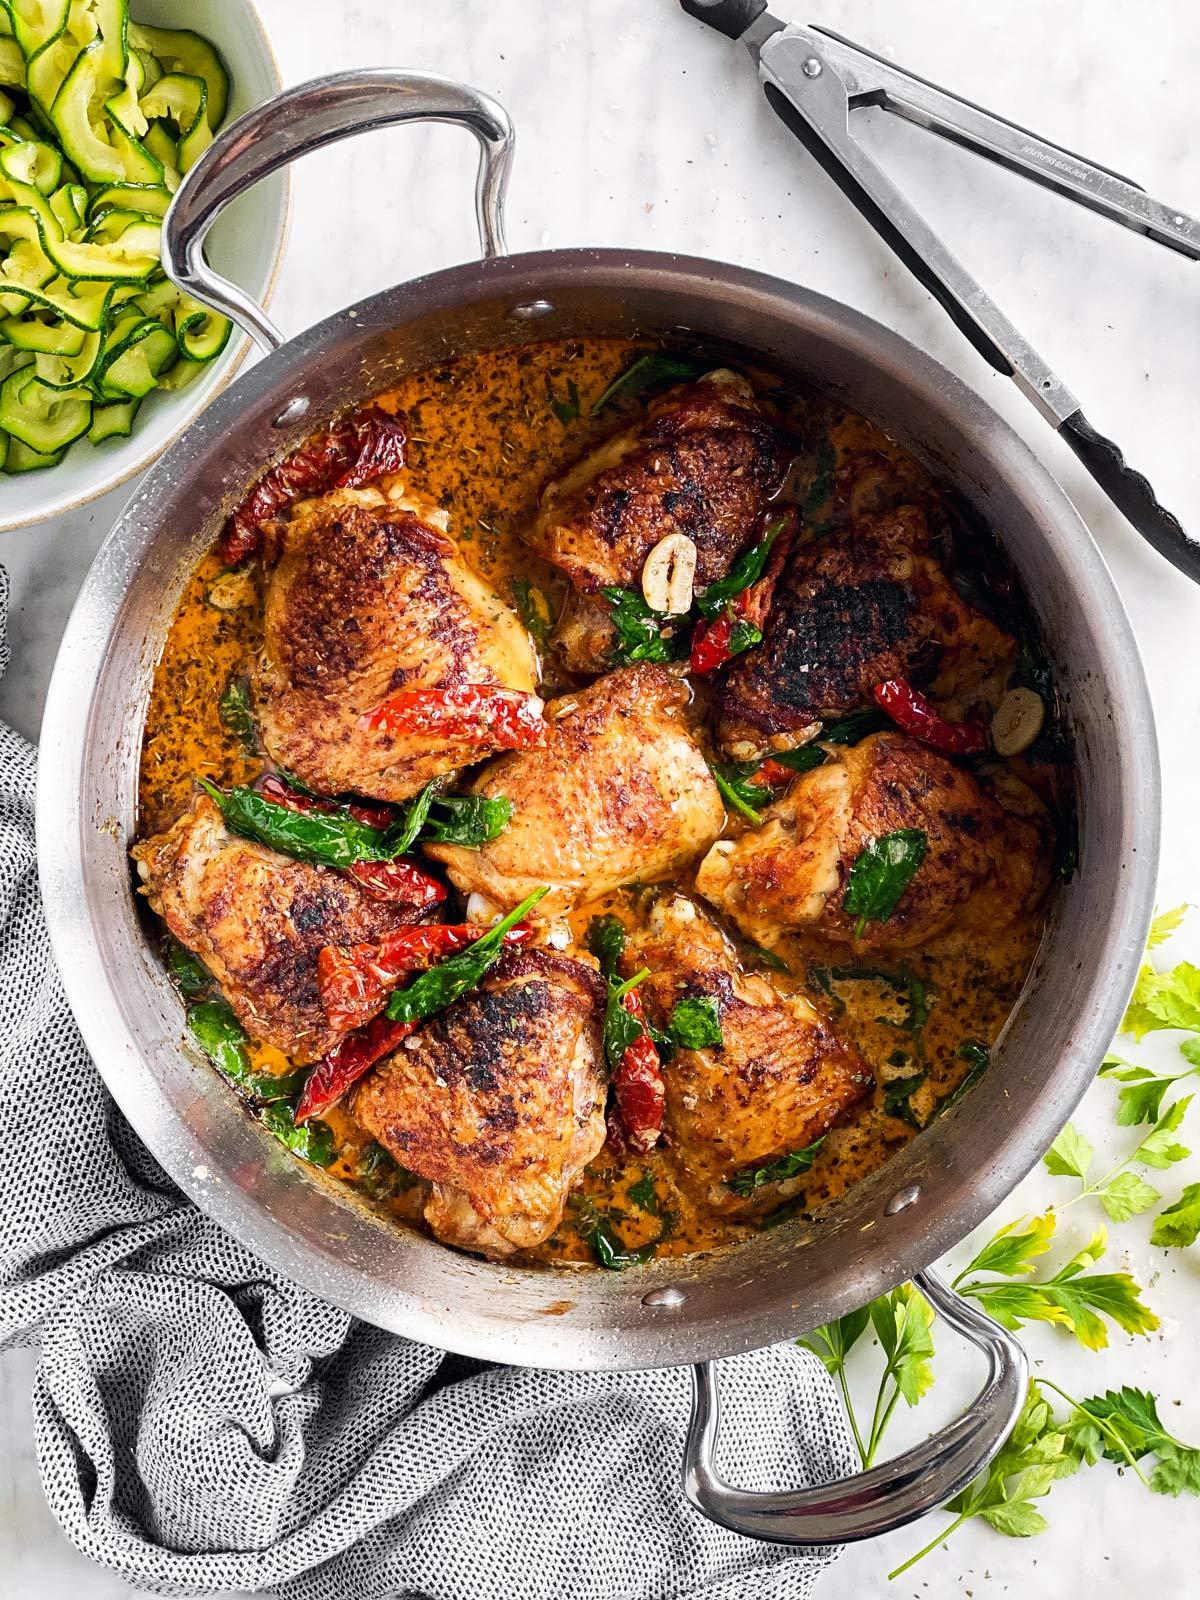 chicken thighs in creamy sauce in skillet